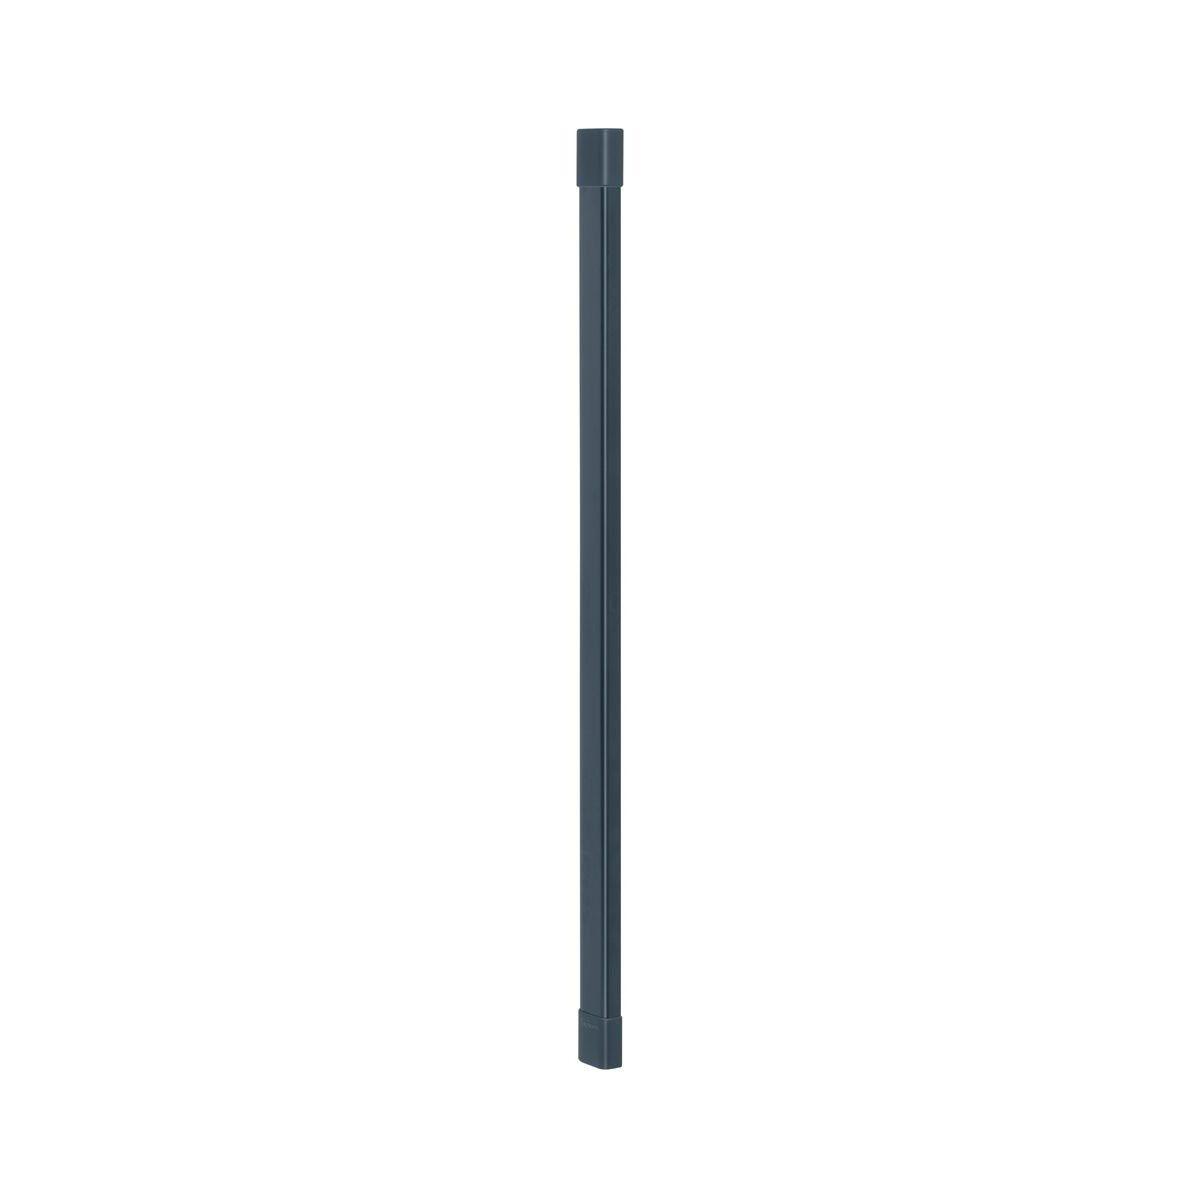 Cache c�ble vogel's alu black cable 8 - 20% de remise imm�diate avec le code : noel20 (photo)